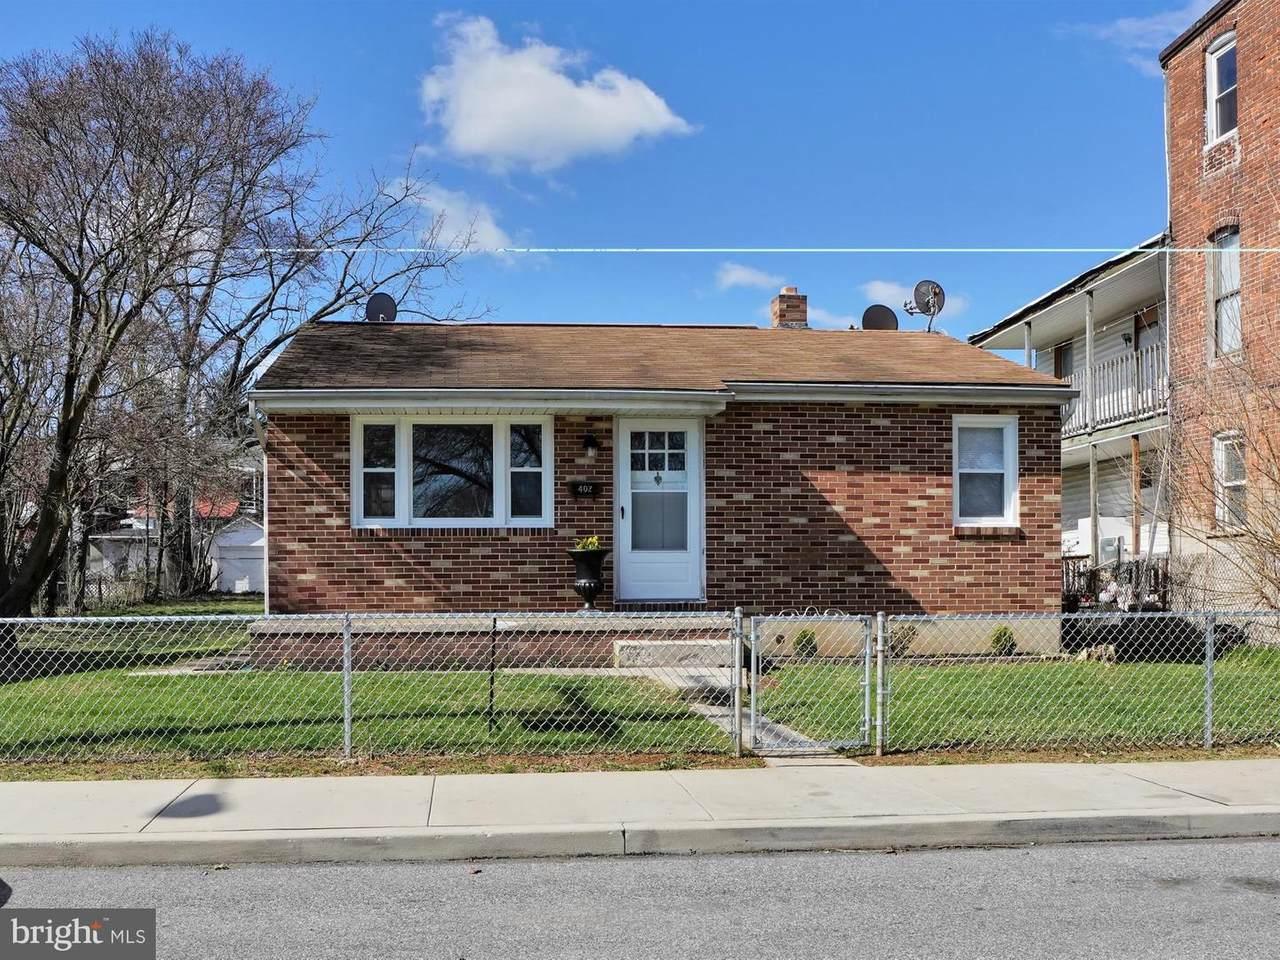 402 Smith Street - Photo 1